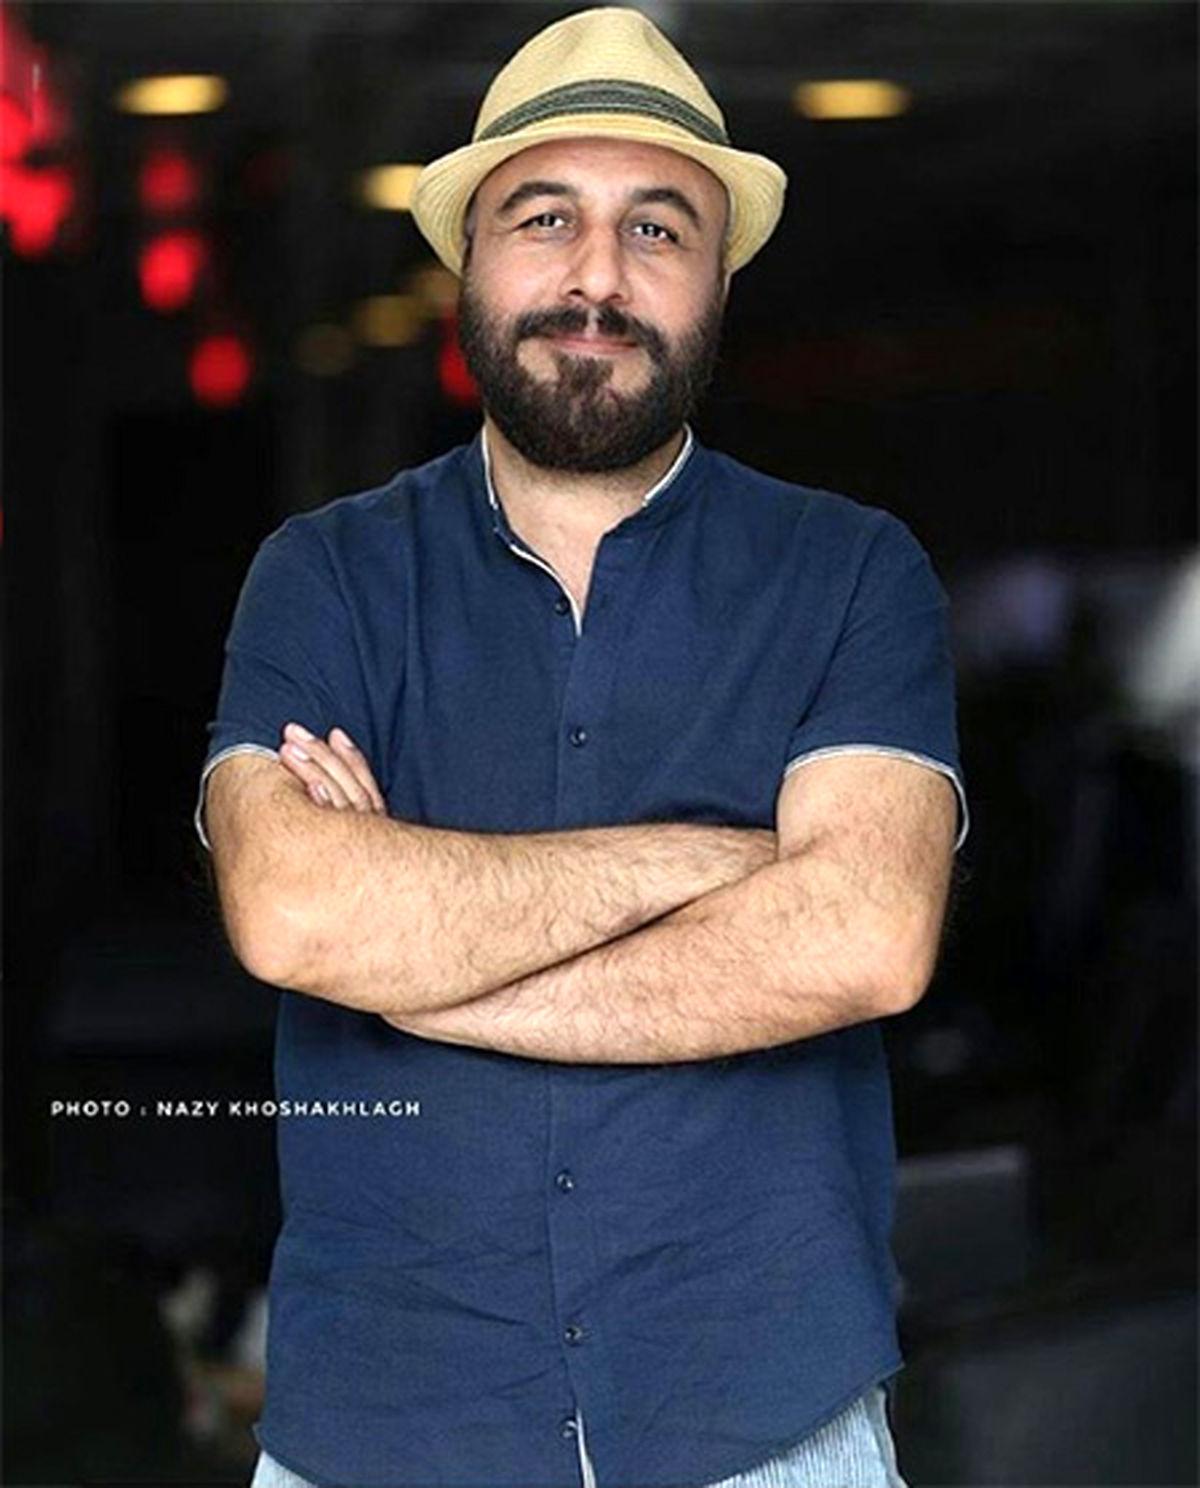 جدیدترین تصاویر رضا عطاران و همسرش+بیوگرافی